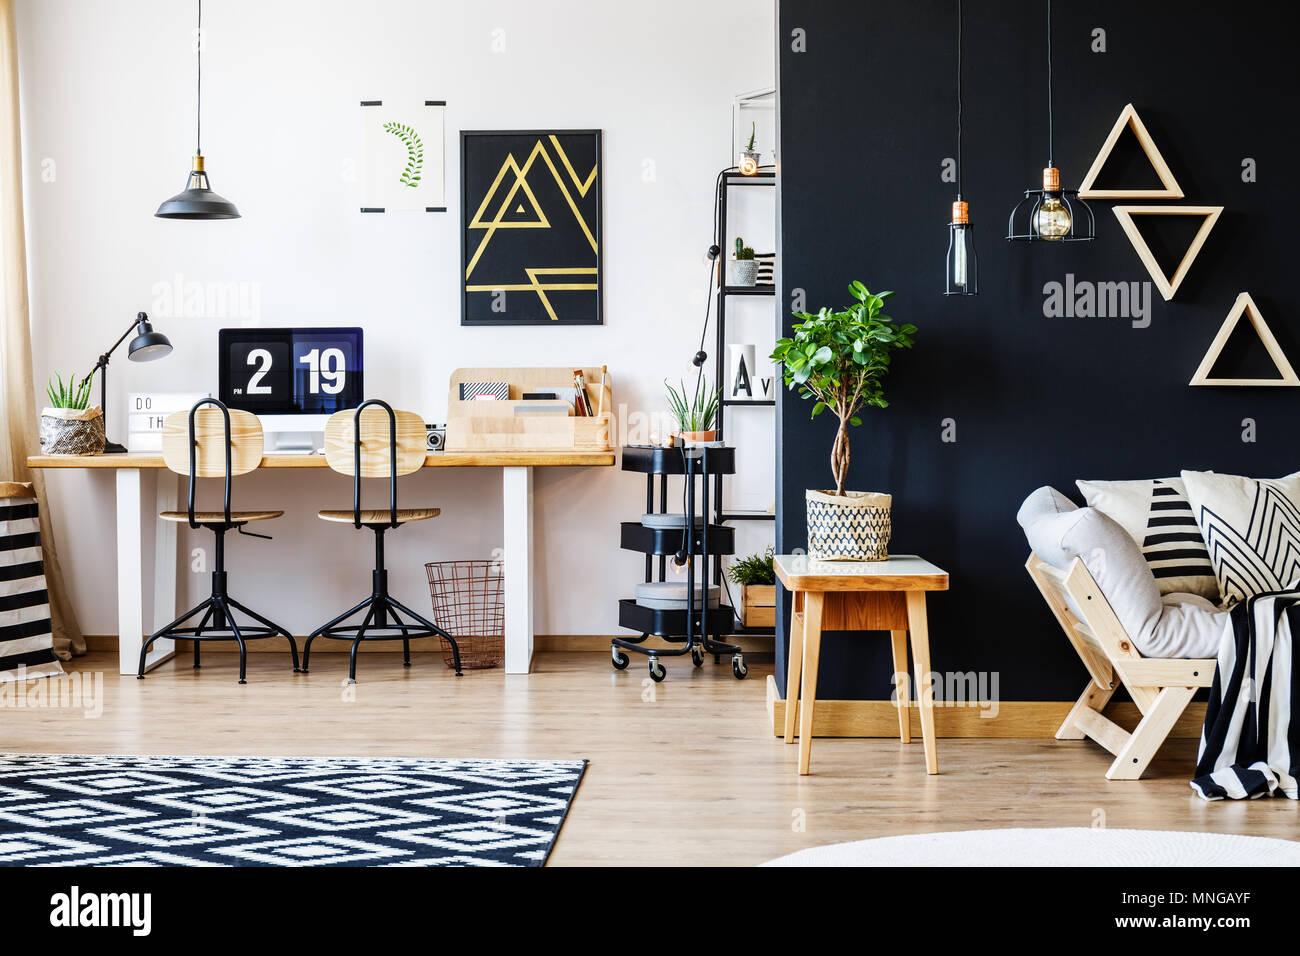 Noir et blanc élégant de style nordique espace ouvert cet